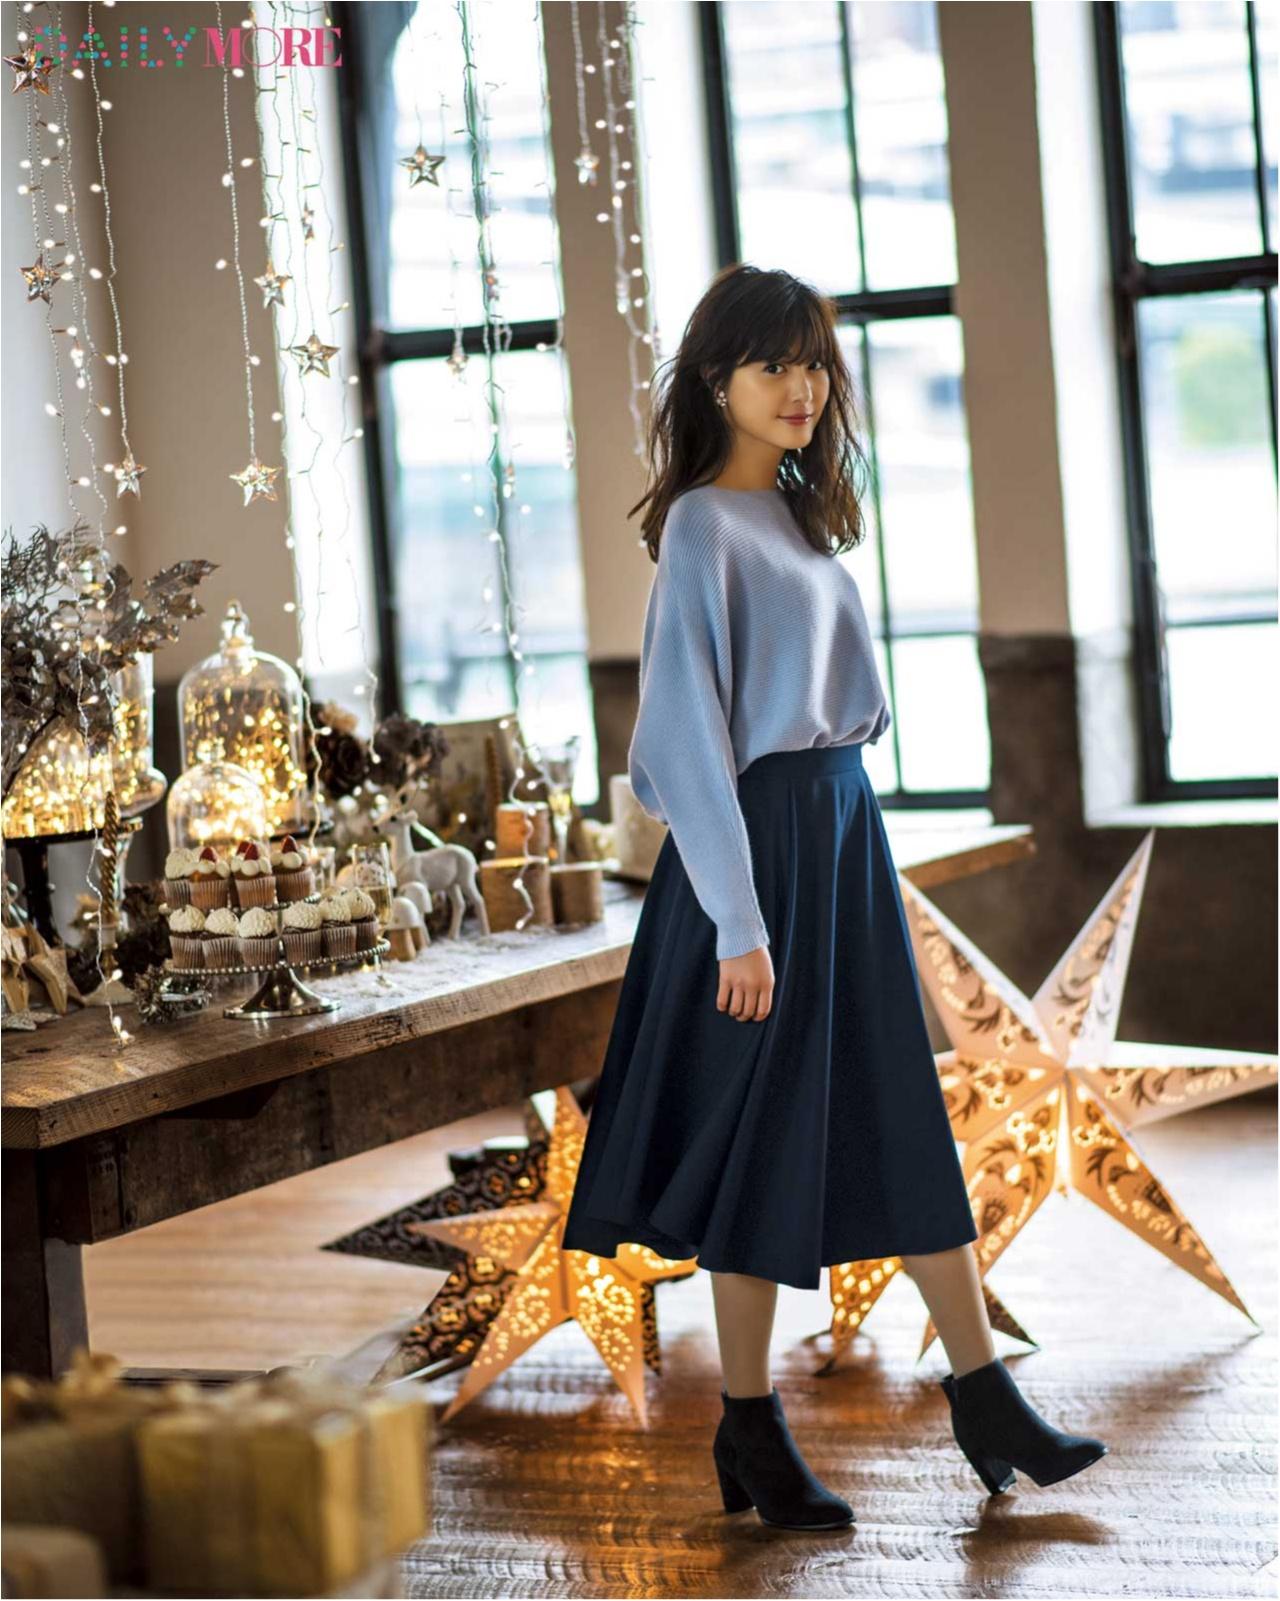 12月、楽しいイベント盛りだくさんな毎日に、『ViS』の華やぎトレンド服をチェック!_1